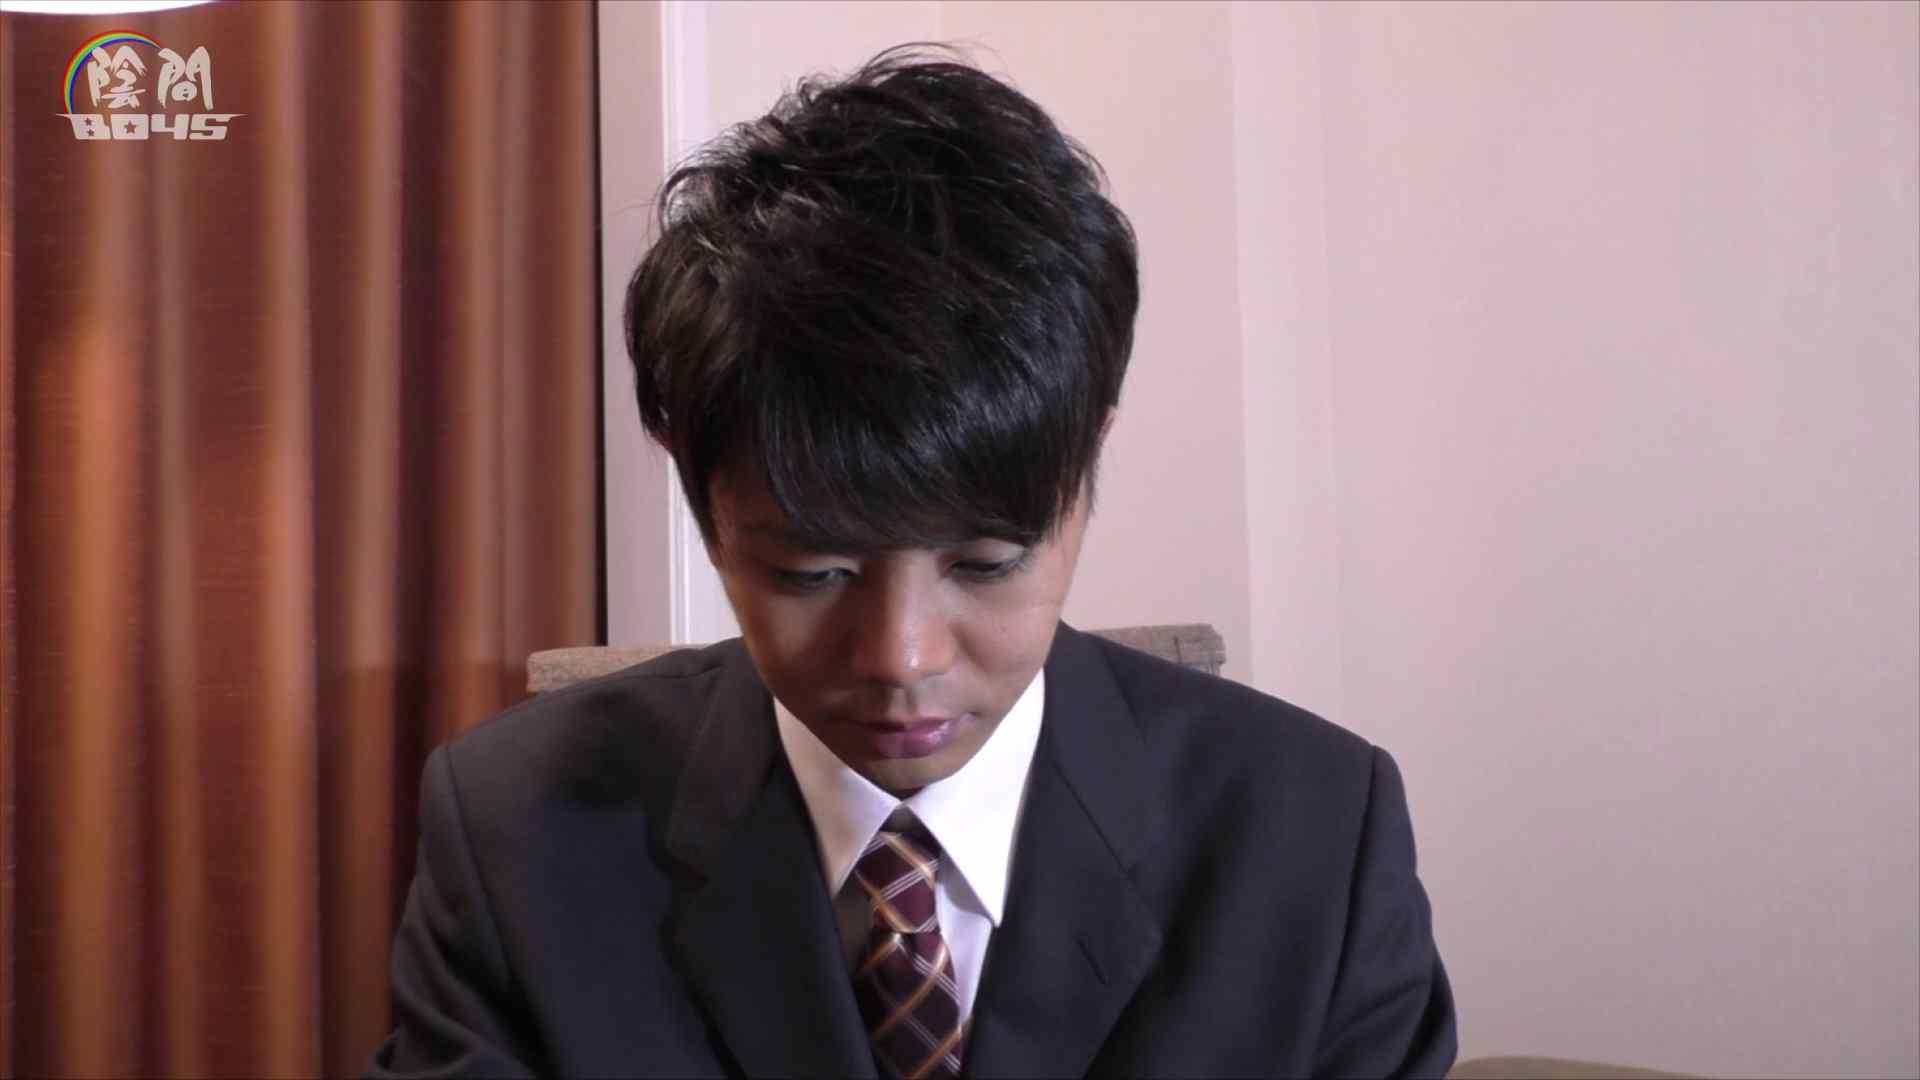 陰間BOYS~キャバクラの仕事はアナルから4 Vol.01 エッチ ゲイエロ動画 108pic 44